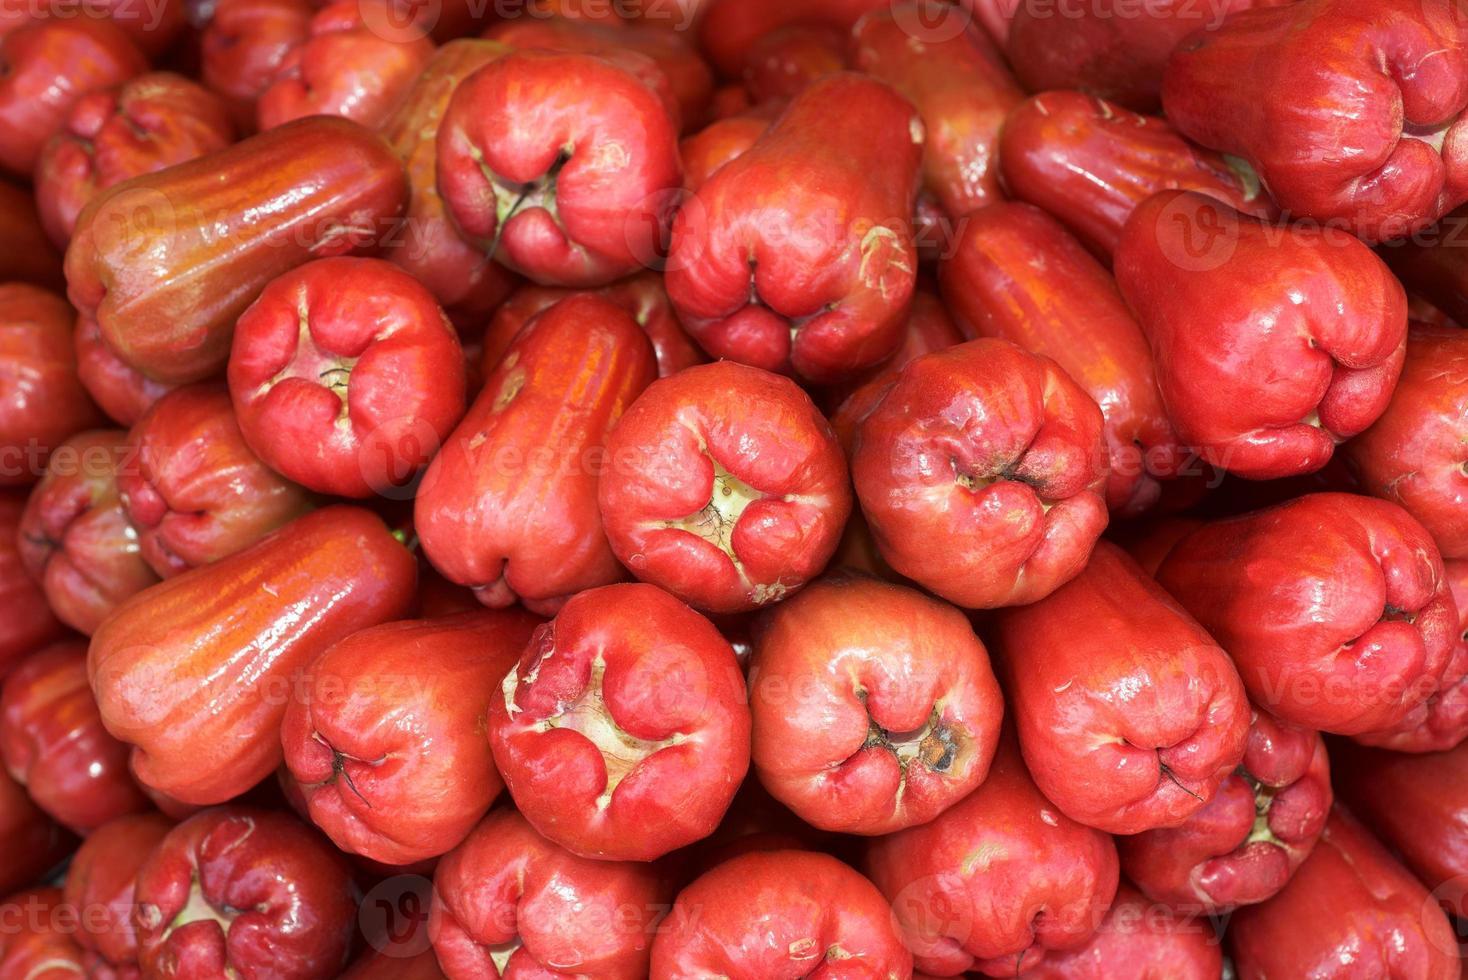 mele rosa sul mercato delle verdure foto